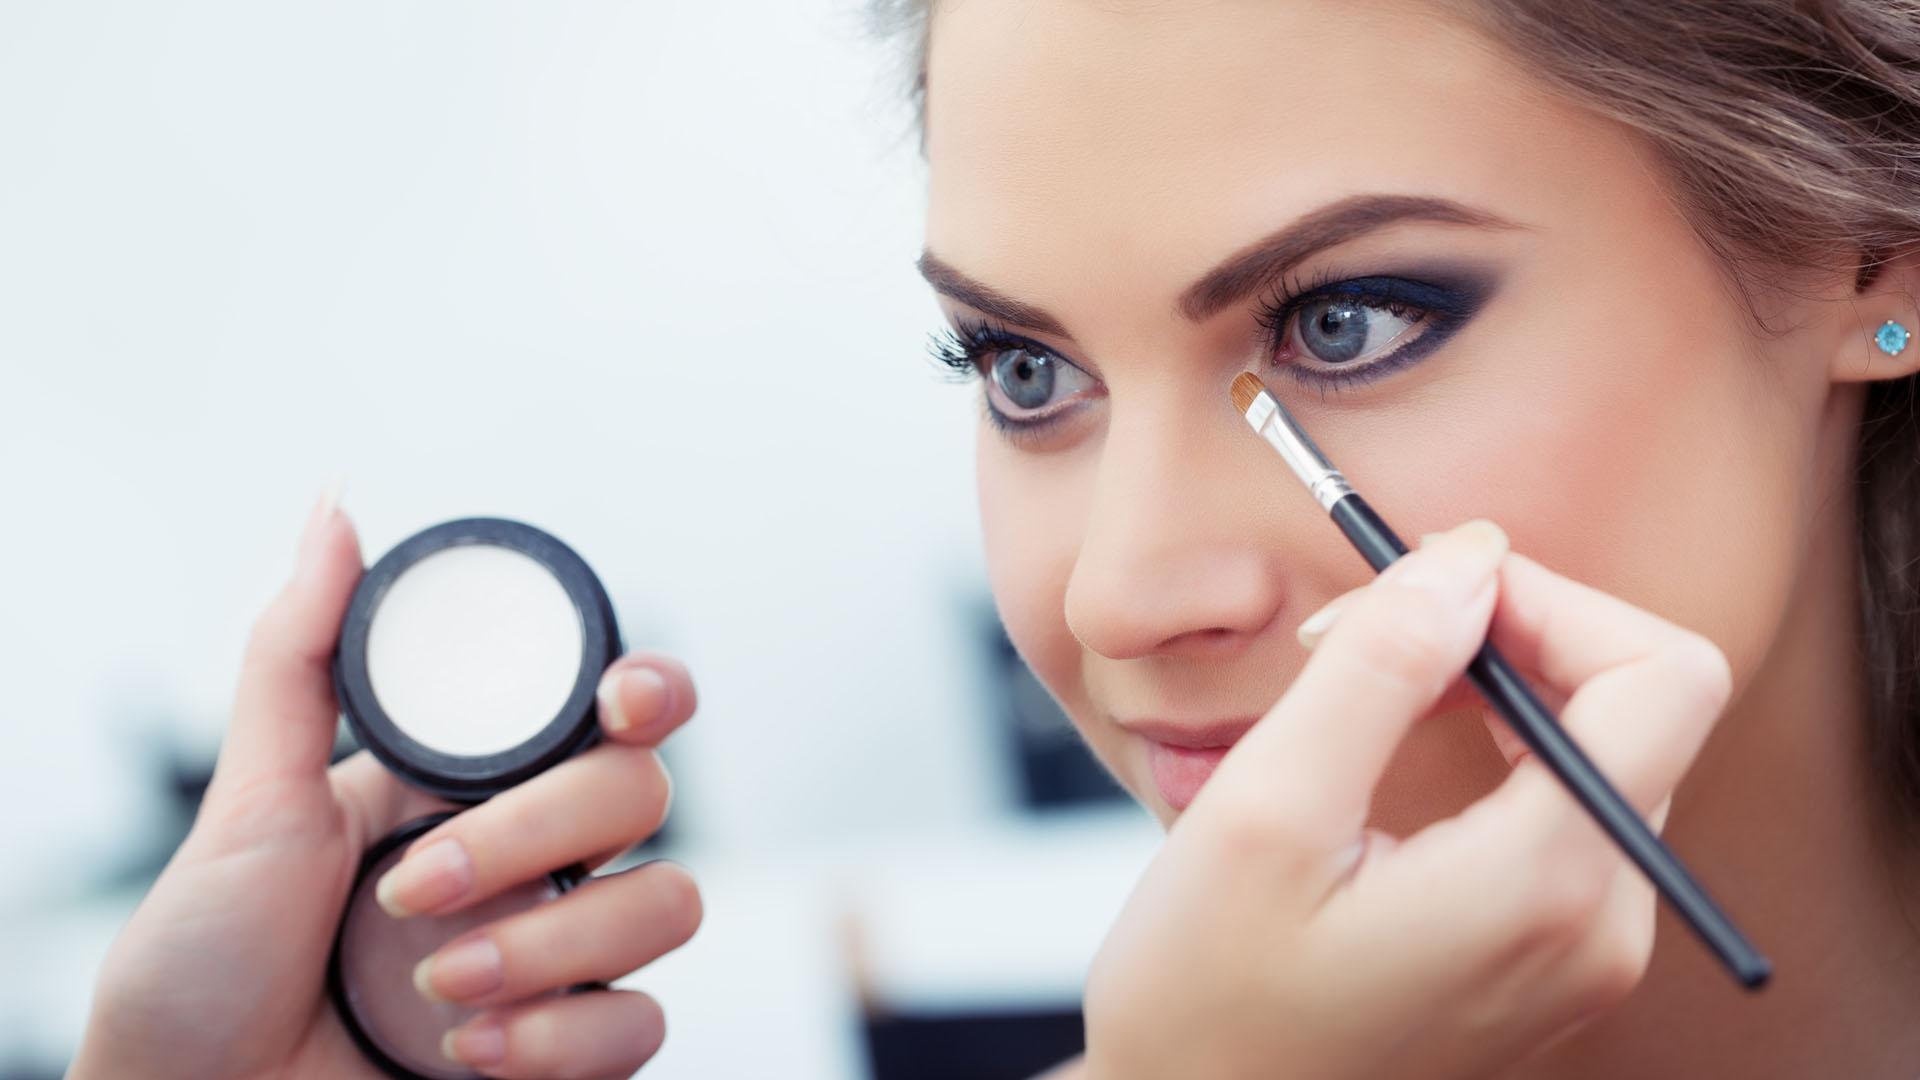 Si vas a maquillarte hazlo bien y más si harás de esta técnica un hábito recurrente porque tu rostro es el que está en riesgo si algo sale mal